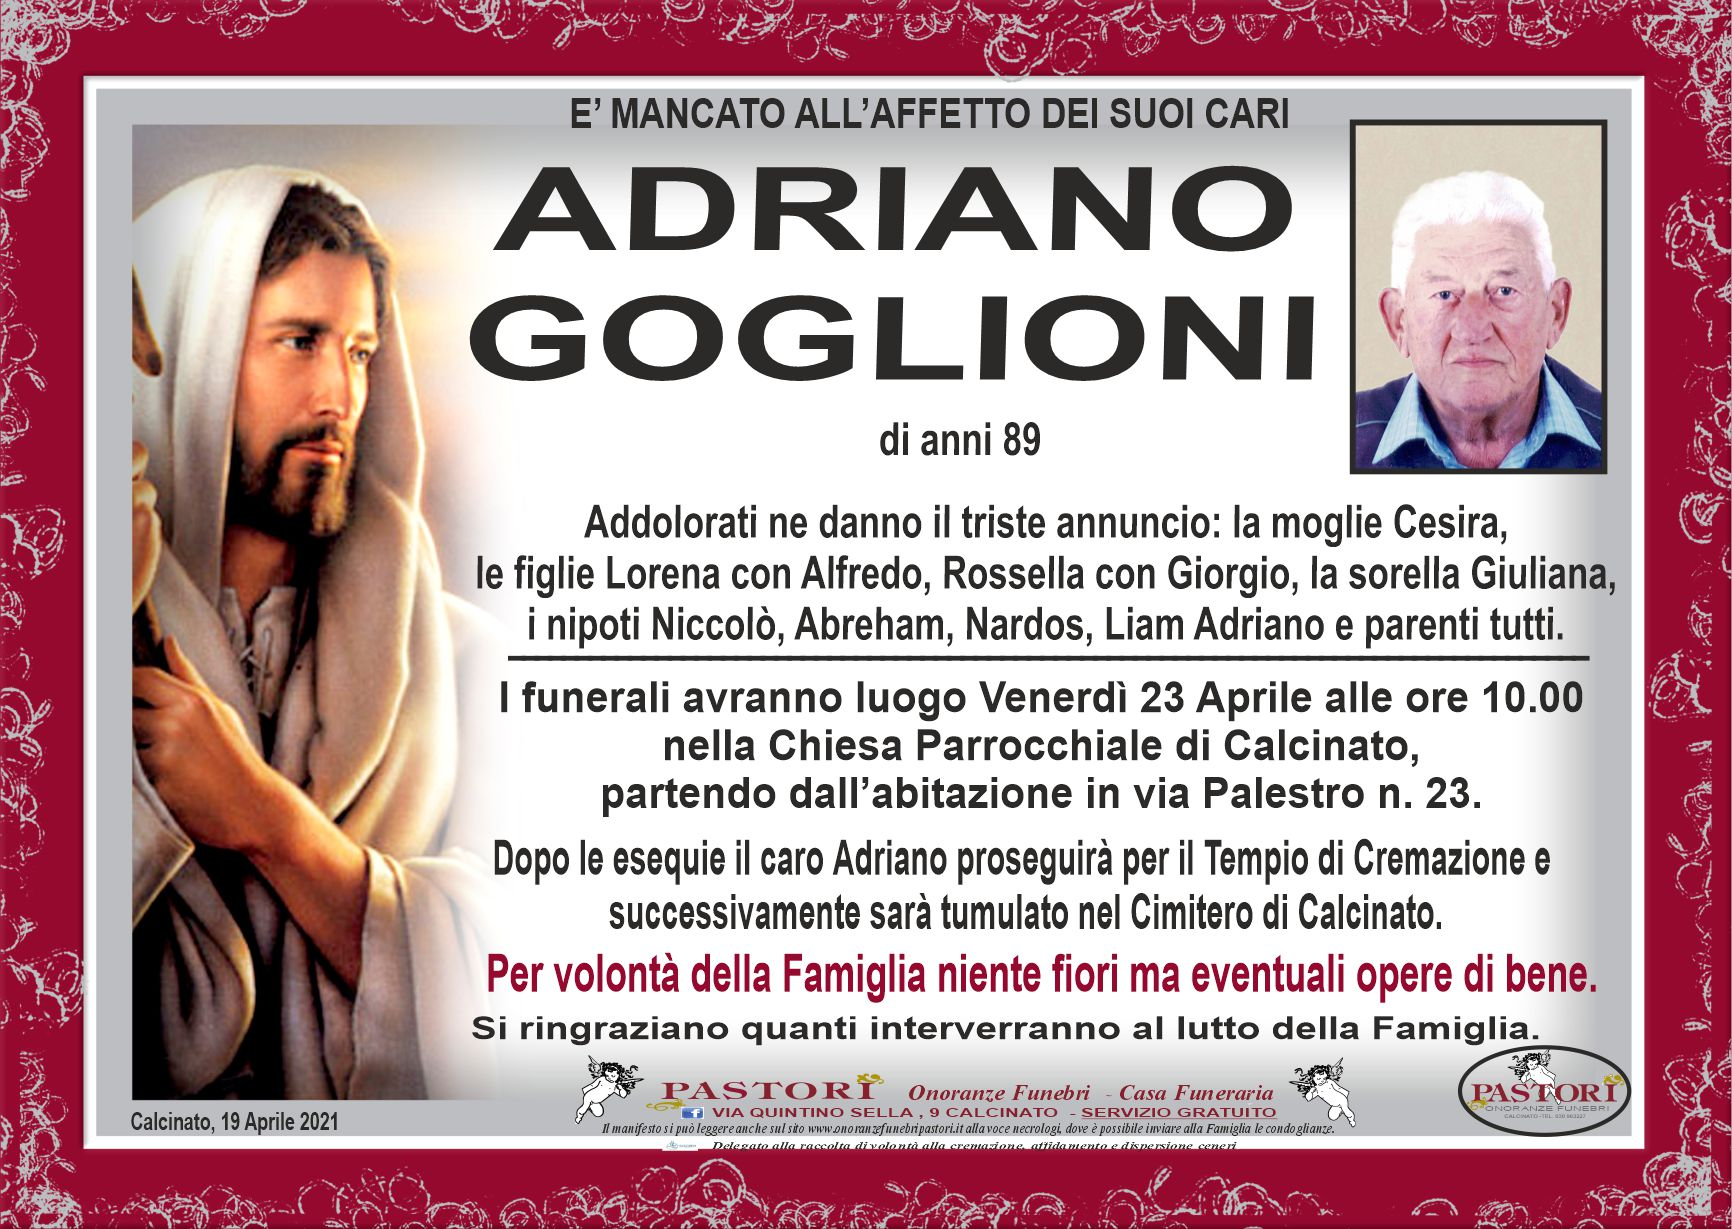 Adriano Goglioni